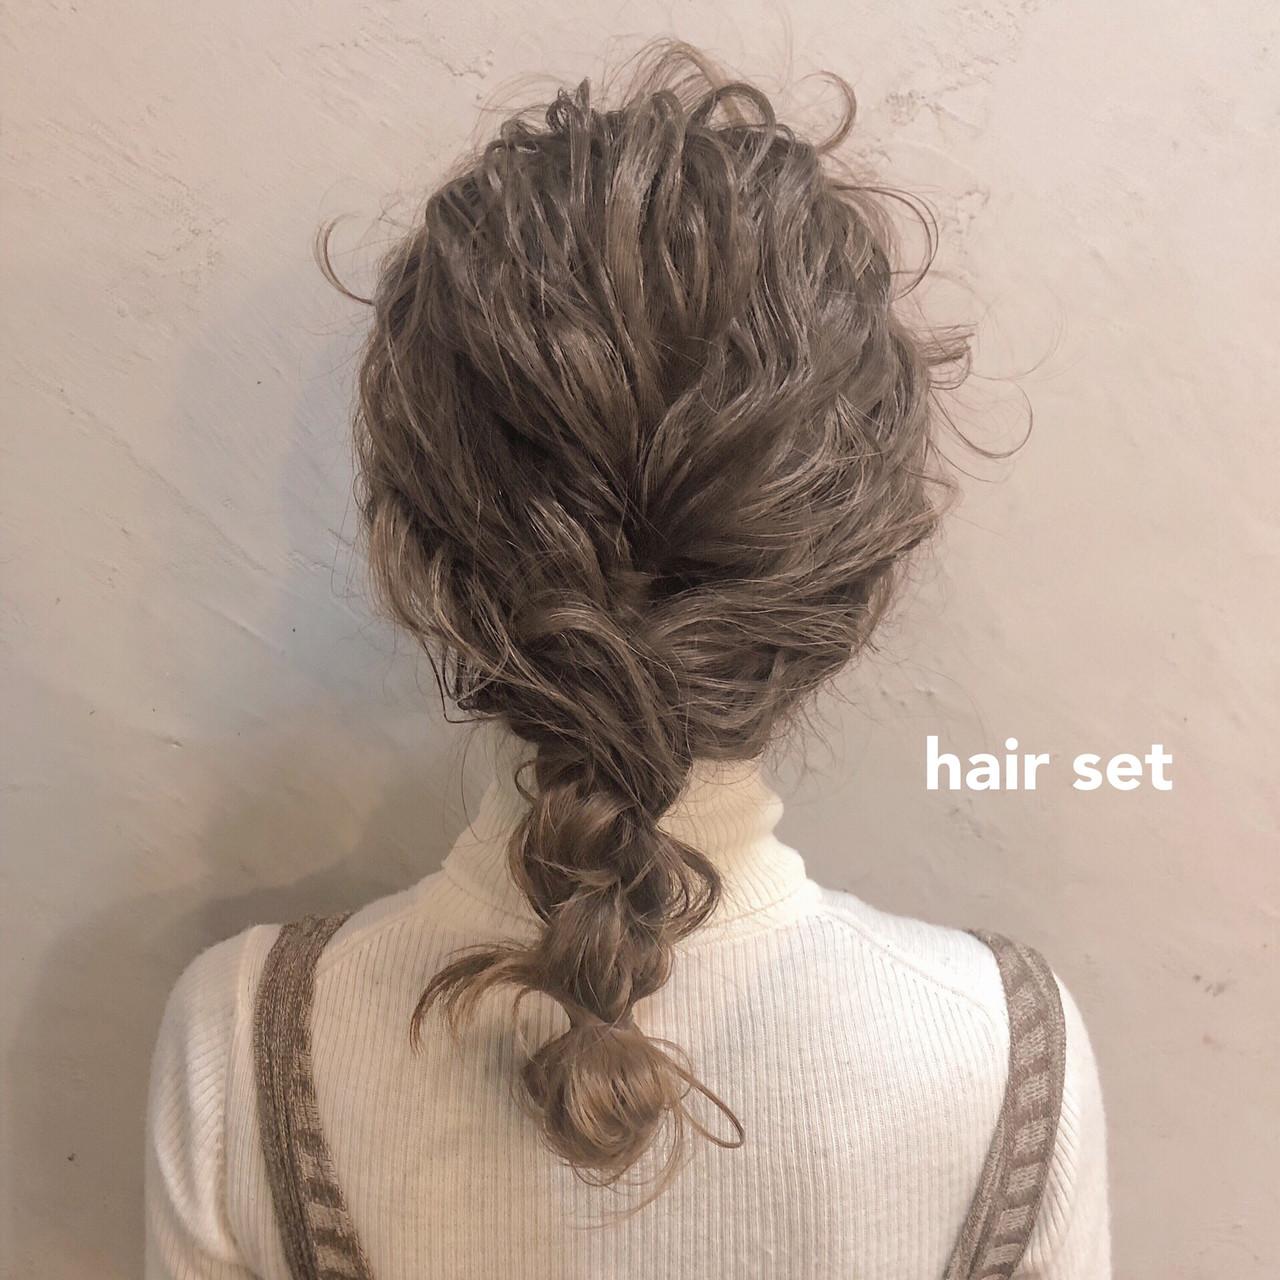 編みおろし ヘアアレンジ 簡単ヘアアレンジ アンニュイほつれヘア ヘアスタイルや髪型の写真・画像